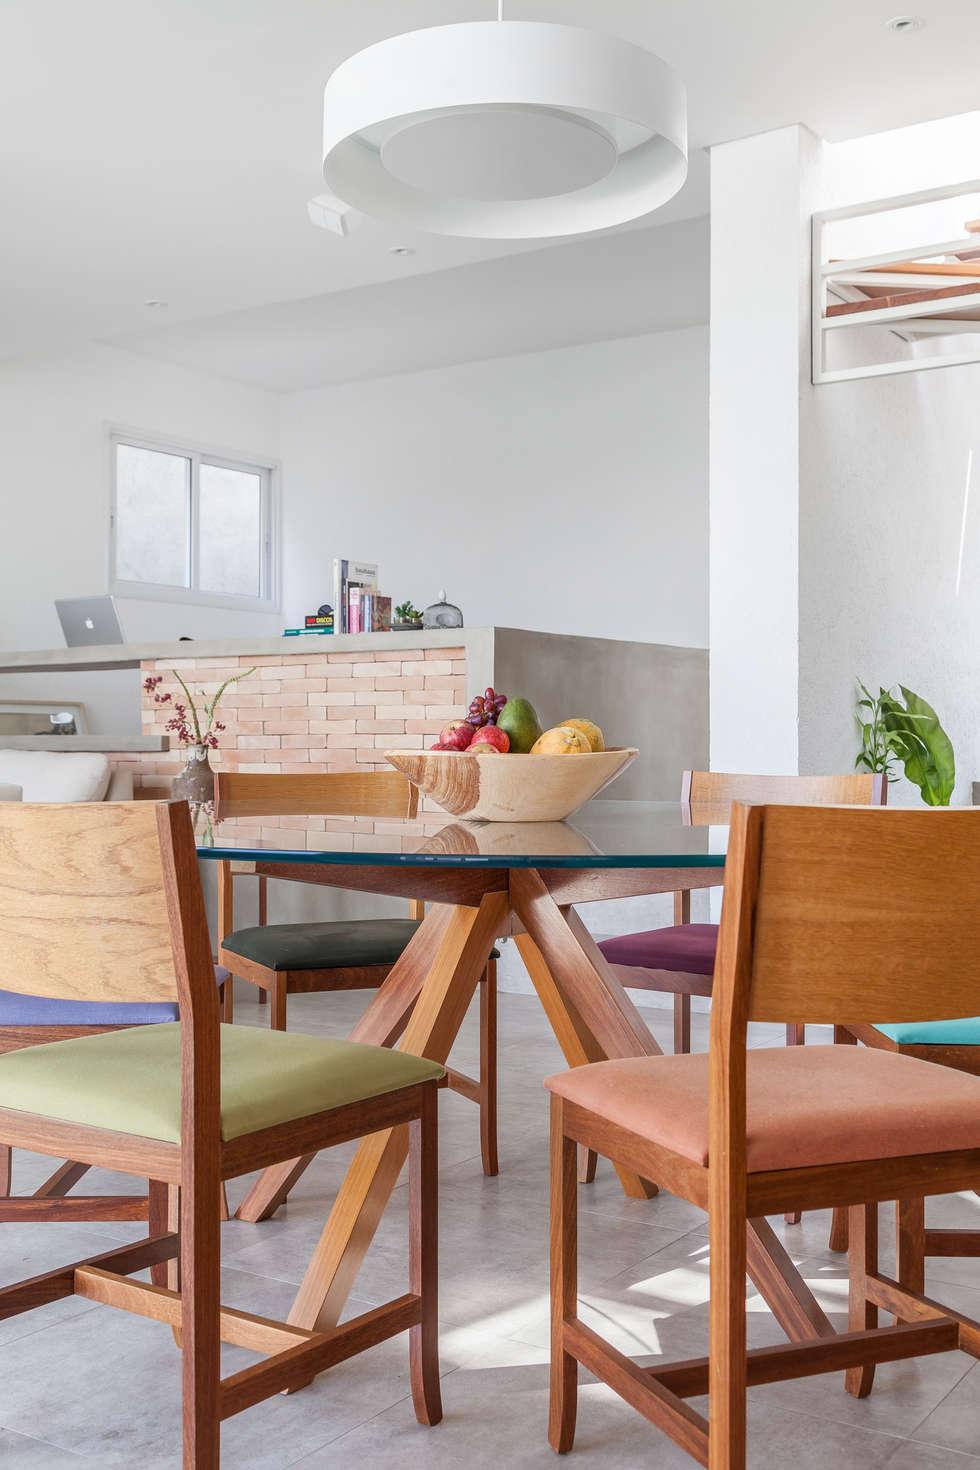 Residência Parque dos Príncipes: Salas de jantar modernas por Nautilo Arquitetura & Gerenciamento